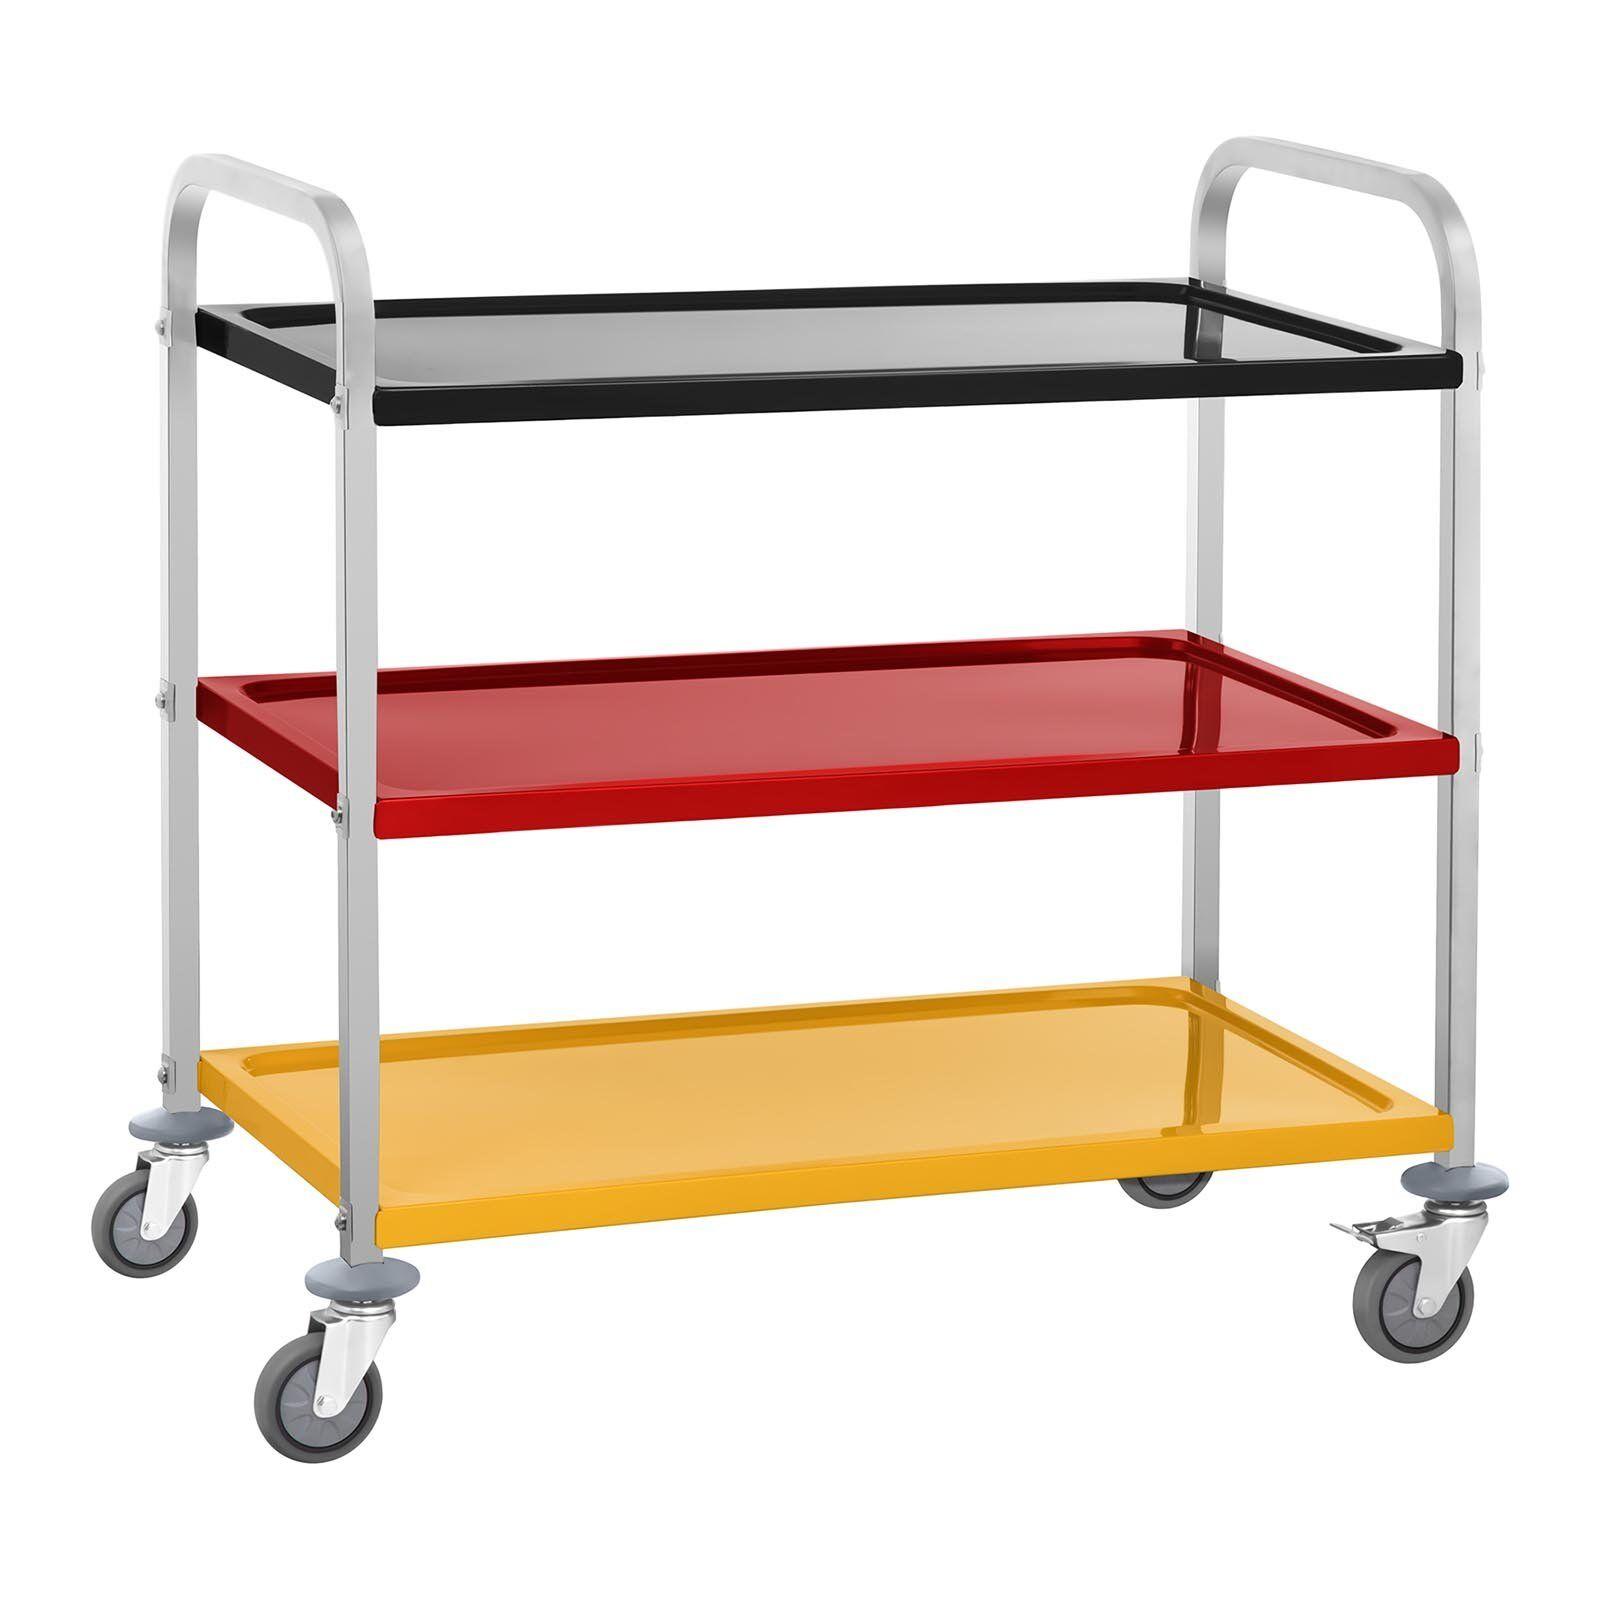 royal catering carrello di servizio con 3 ripiani antiscivolo - fino a 150 kg - colorato - per uso professionale